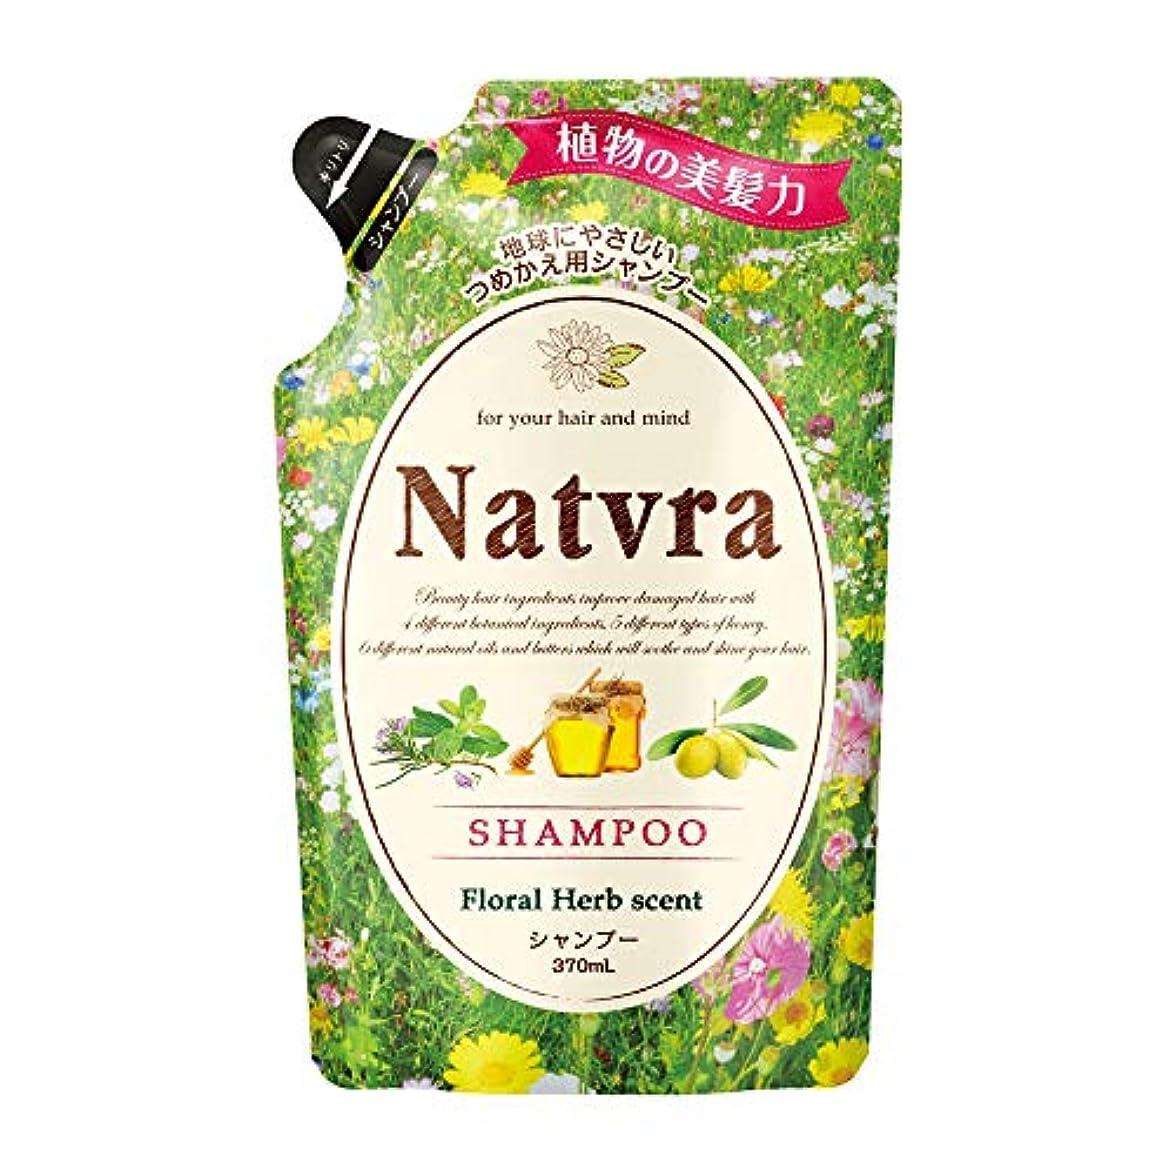 きらめきより良い発送Natvra(ナチュラ) シャンプー つめかえ用 370ml